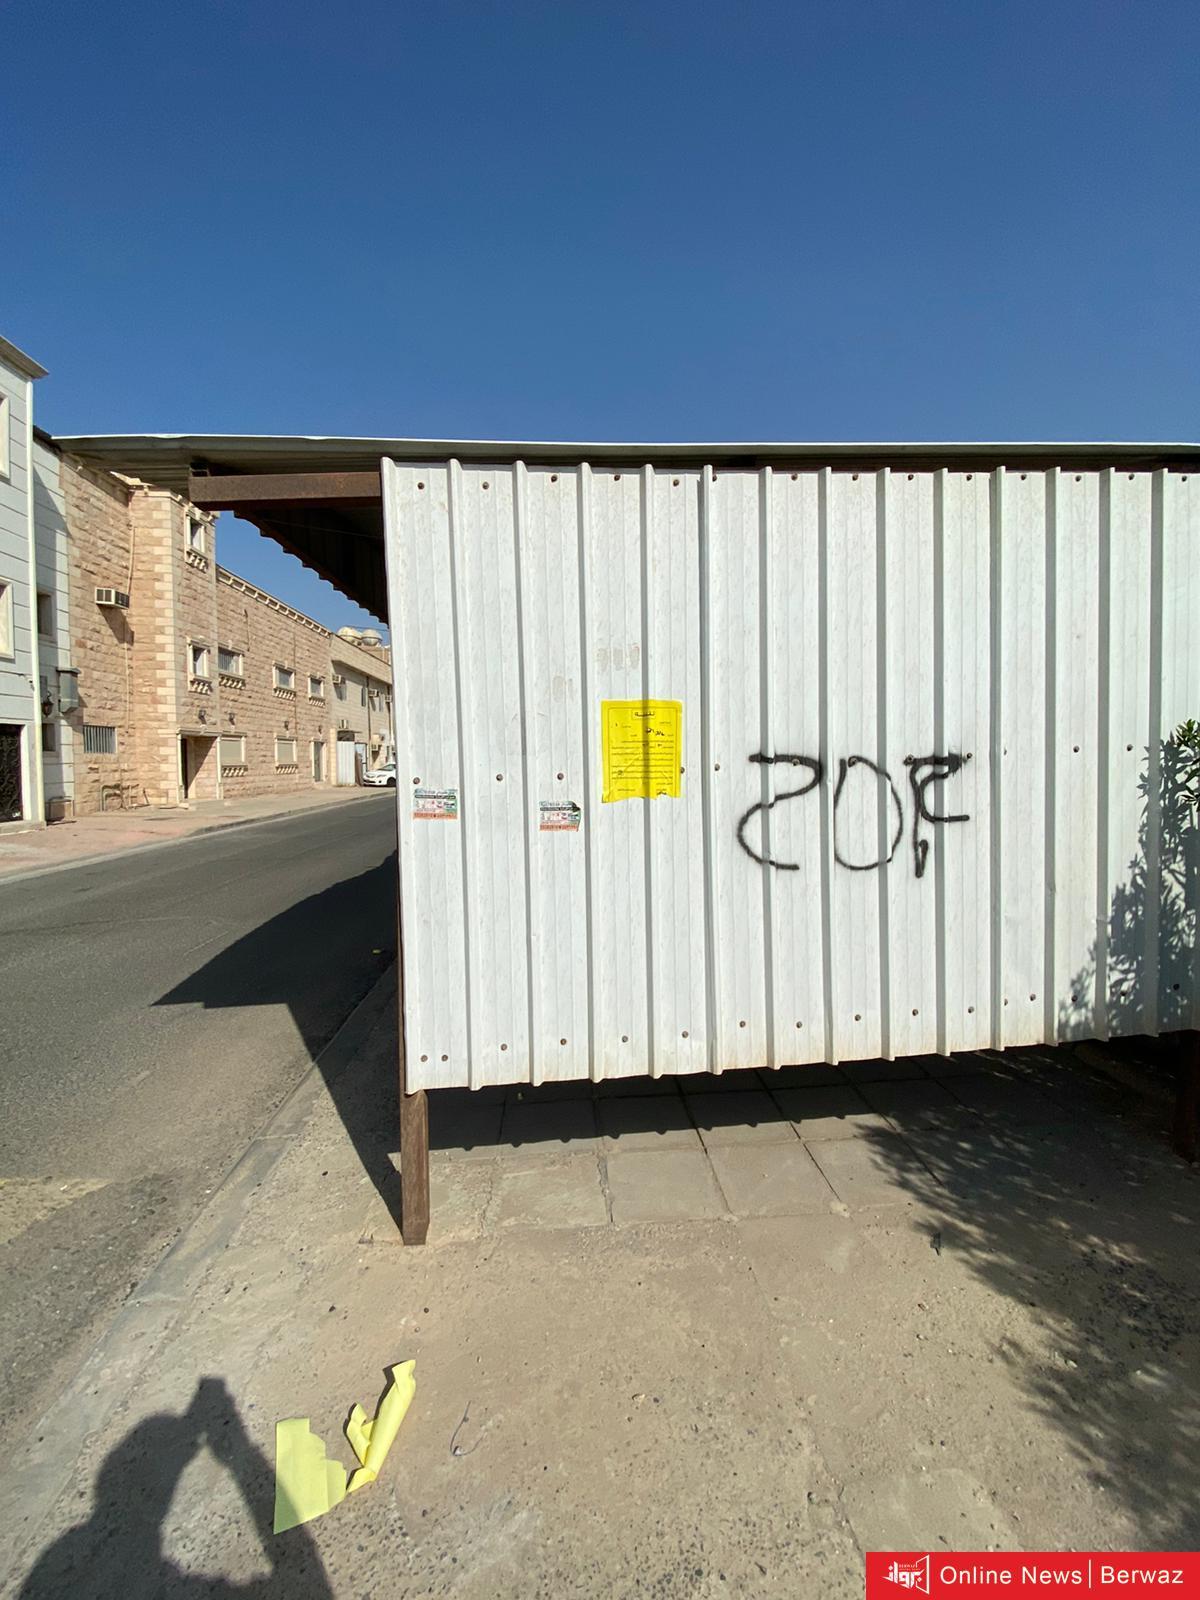 6cc99e69 c5ce 42a7 a9c8 e667248b3c85 - 4 مخالفات و4 إنذارات على يد بلدية «الفروانية» لمخالفي الاشتراطات الصحية